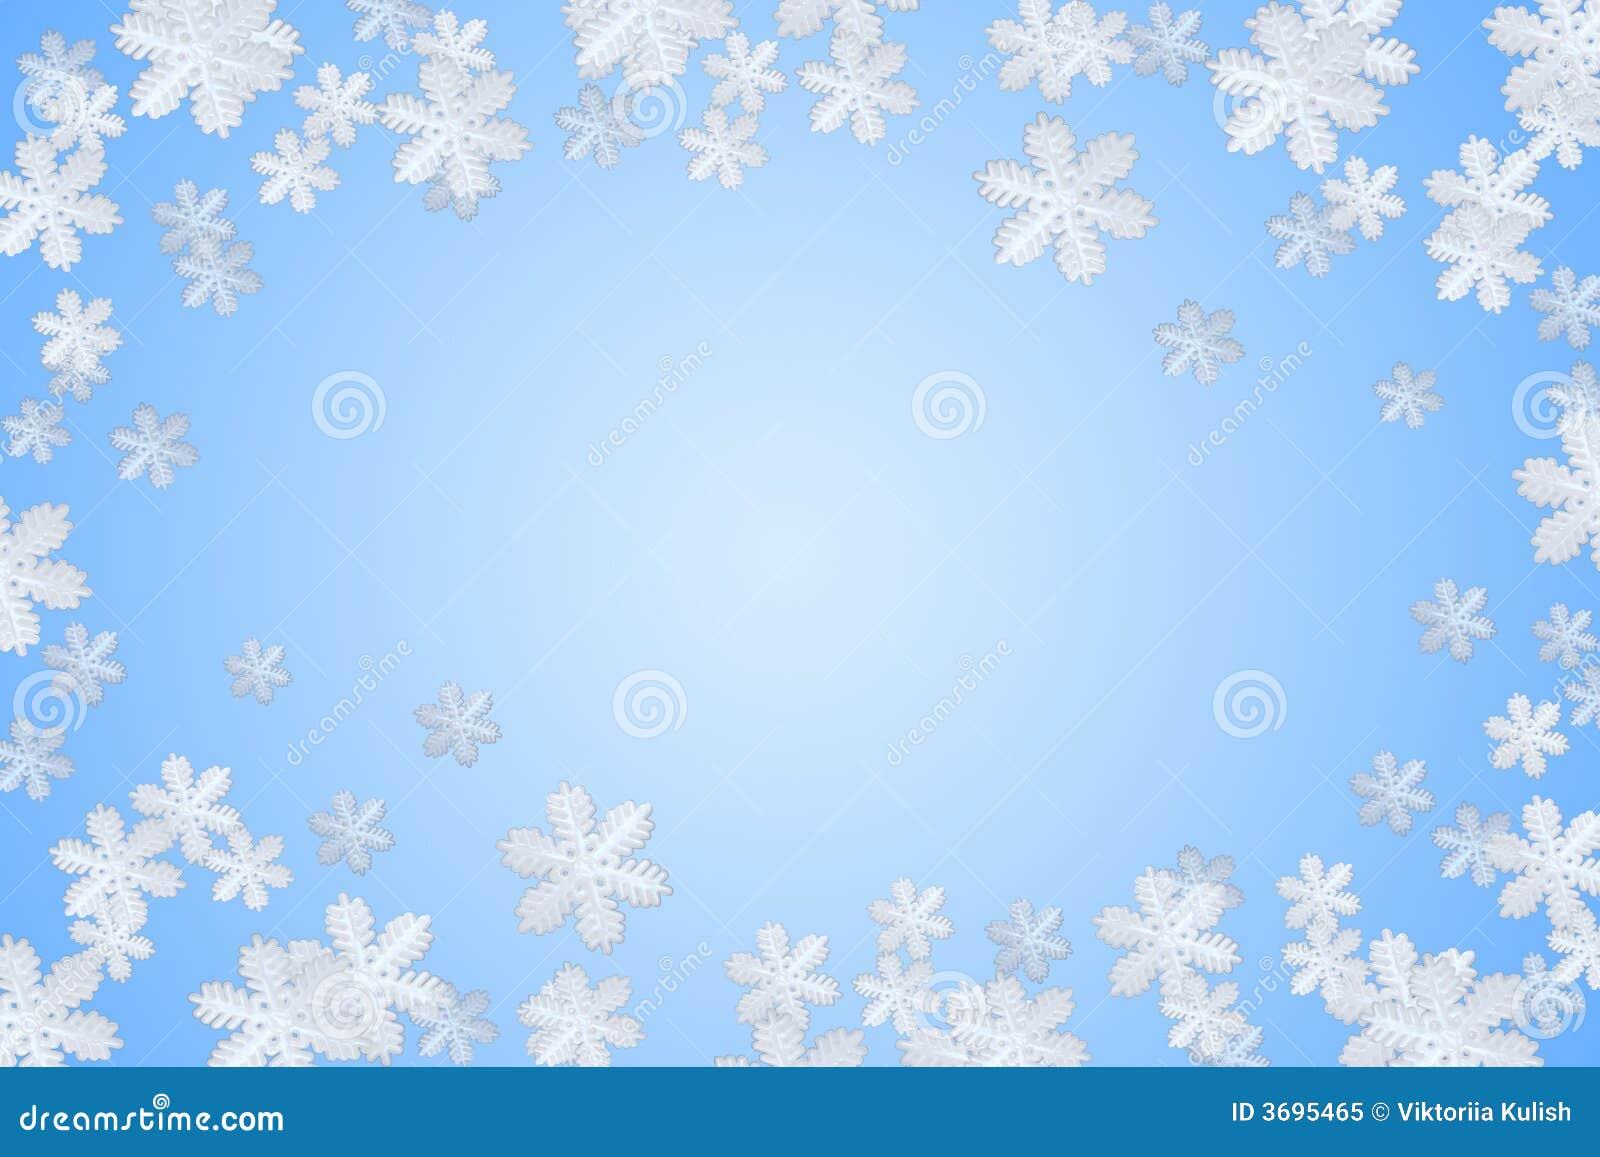 Flocon de neige bleu de l hiver